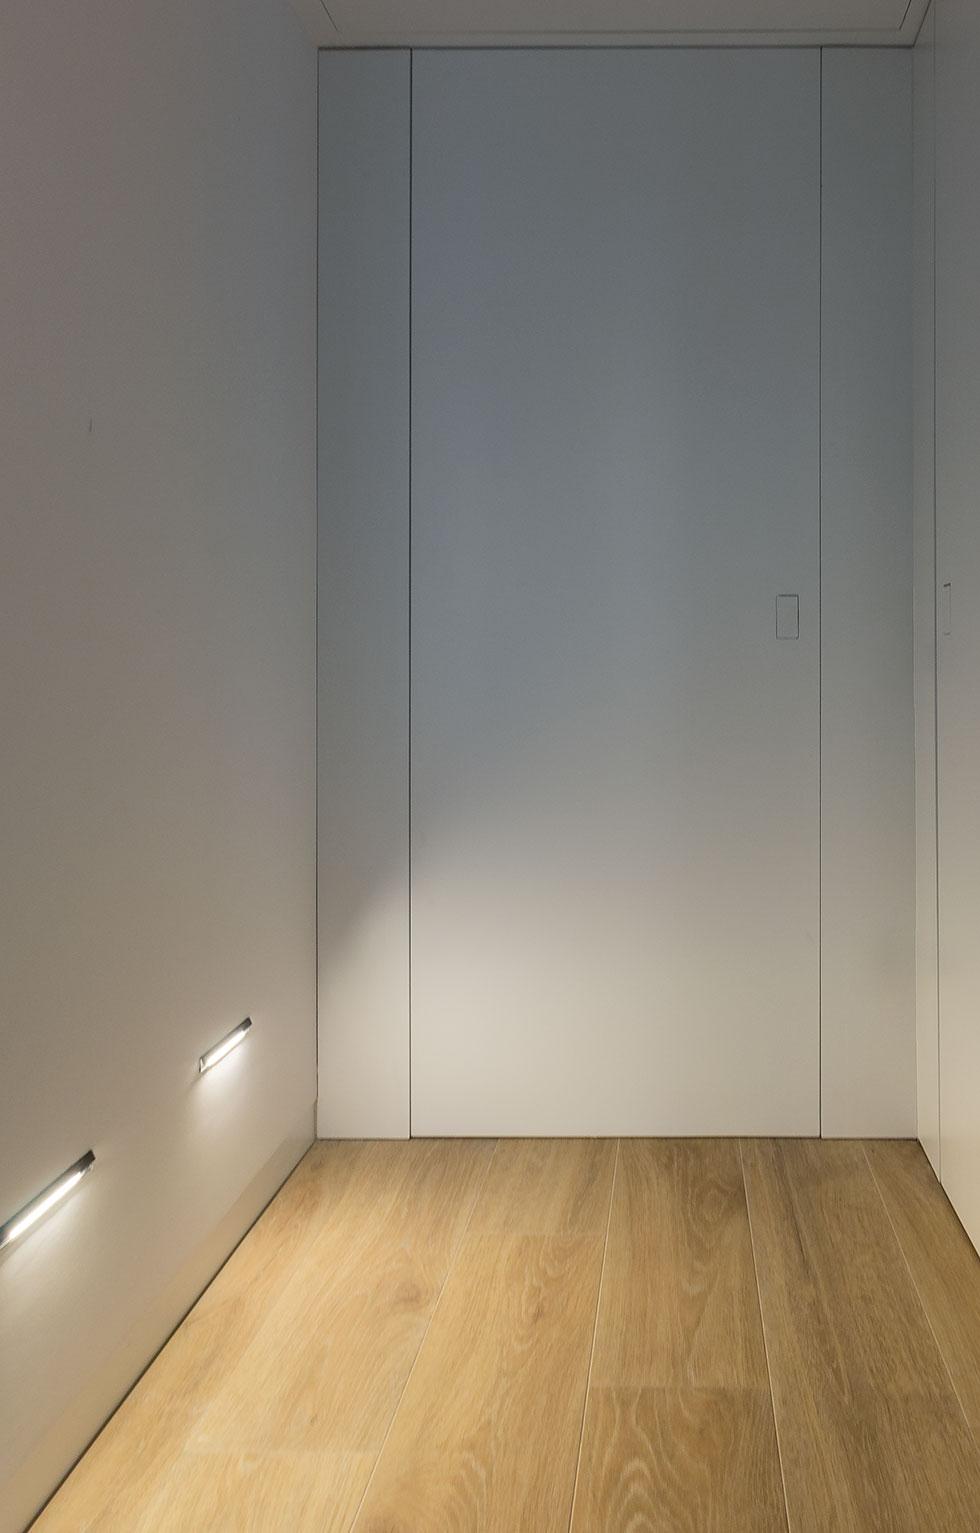 Vivienda-minimalista-en-valencia-chiralt-arquitectos-valencia